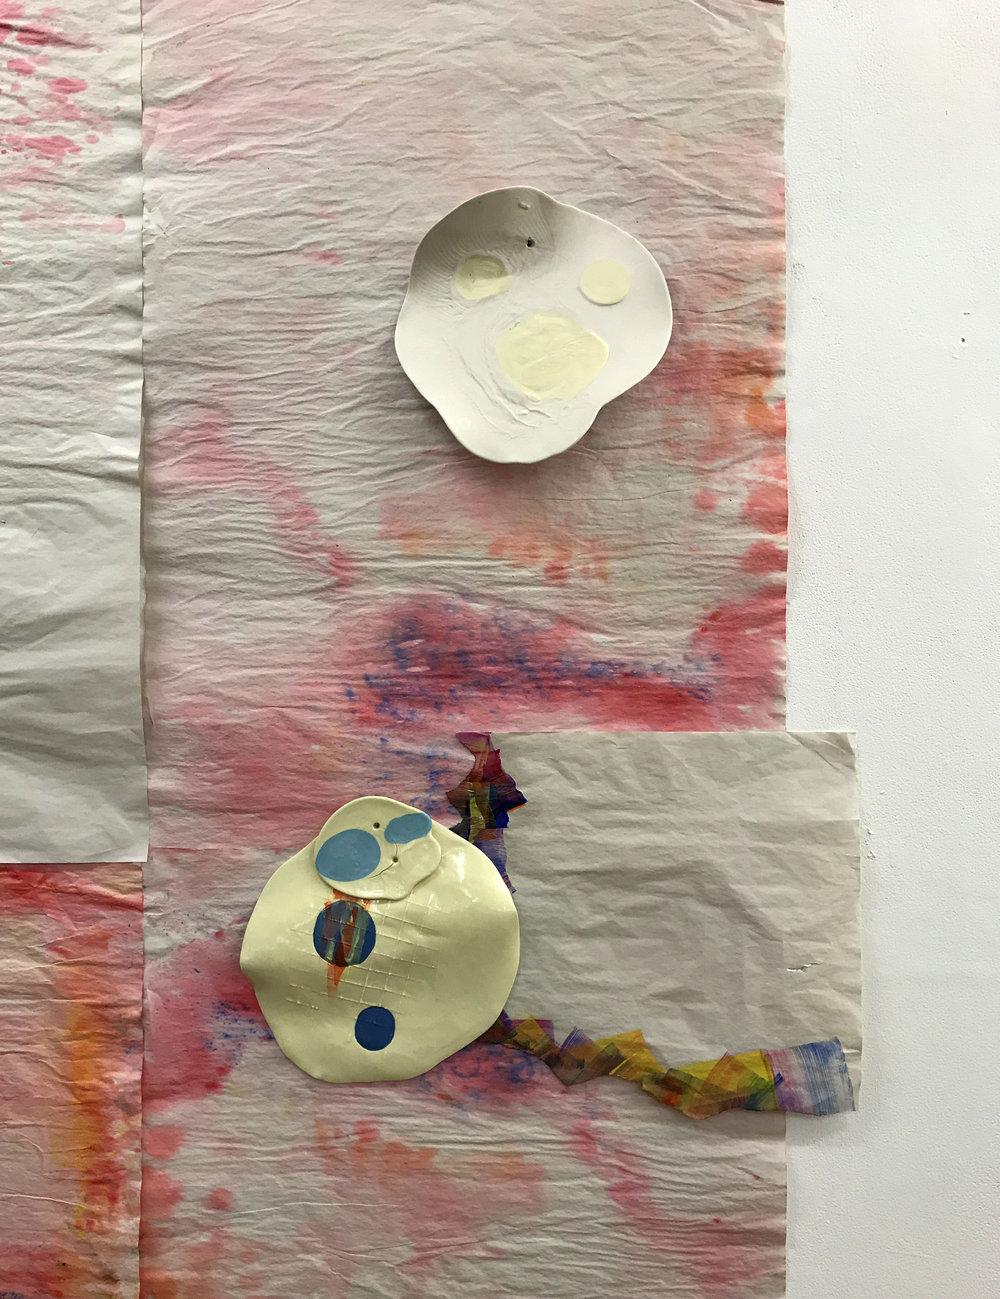 Paper, watercolour, oil paint, unglazed and glazed porcelain, 2018